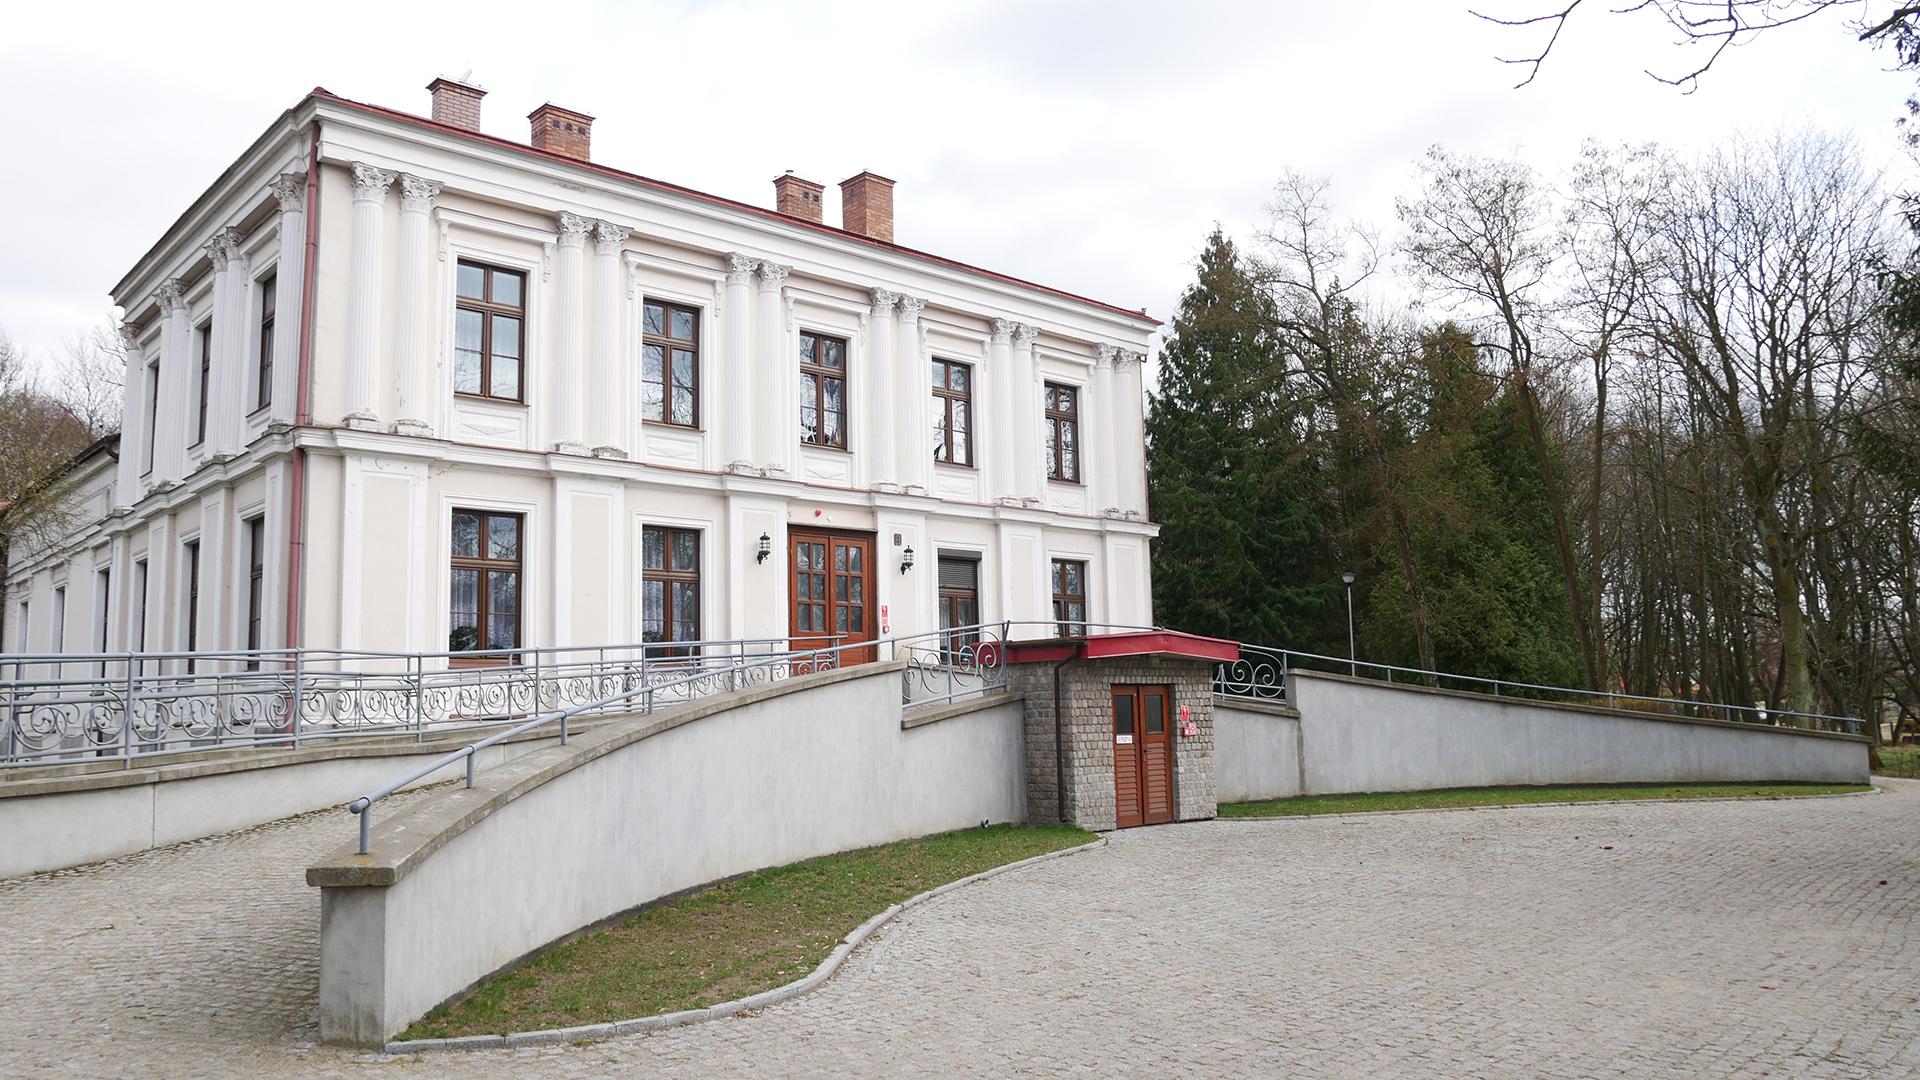 Biały pałac z piętrem, 9 okien z przodu oraz wielkie drzwi. Do drzwi prowadzi podjazd po obu stronach